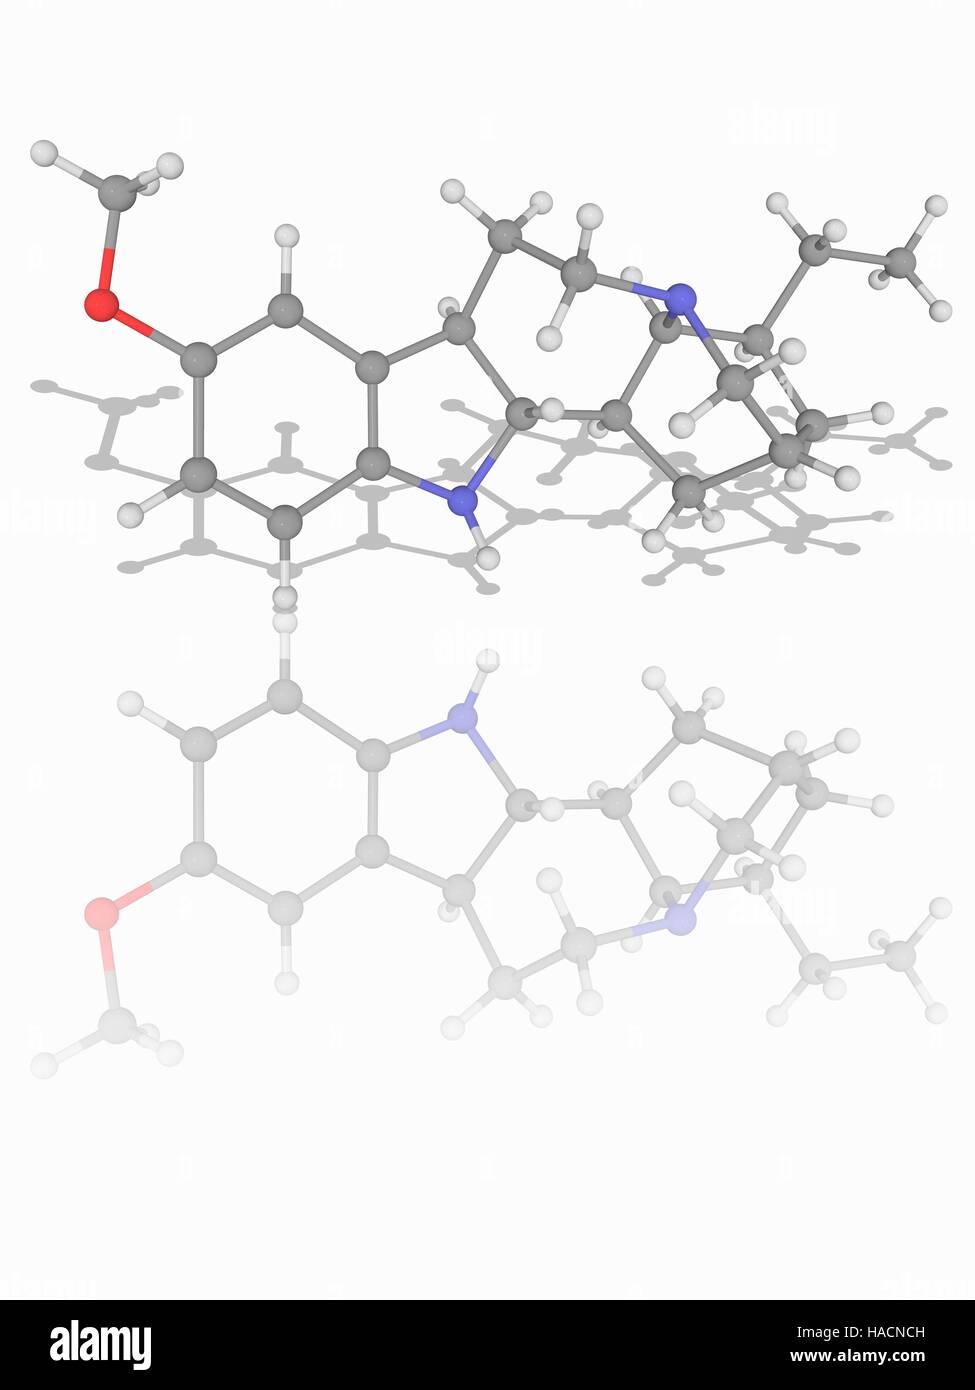 L'ibogaïne. Le modèle moléculaire du médicament l'ibogaïne (C20.H26.N2.O). Il s'agit d'une substance psychoactive naturelle trouvée dans un certain nombre de plantes. Les atomes sont représentés comme des sphères et sont codés par couleur: carbone (gris), l'hydrogène (blanc), l'azote (bleu) et d'oxygène (rouge). L'illustration. Banque D'Images